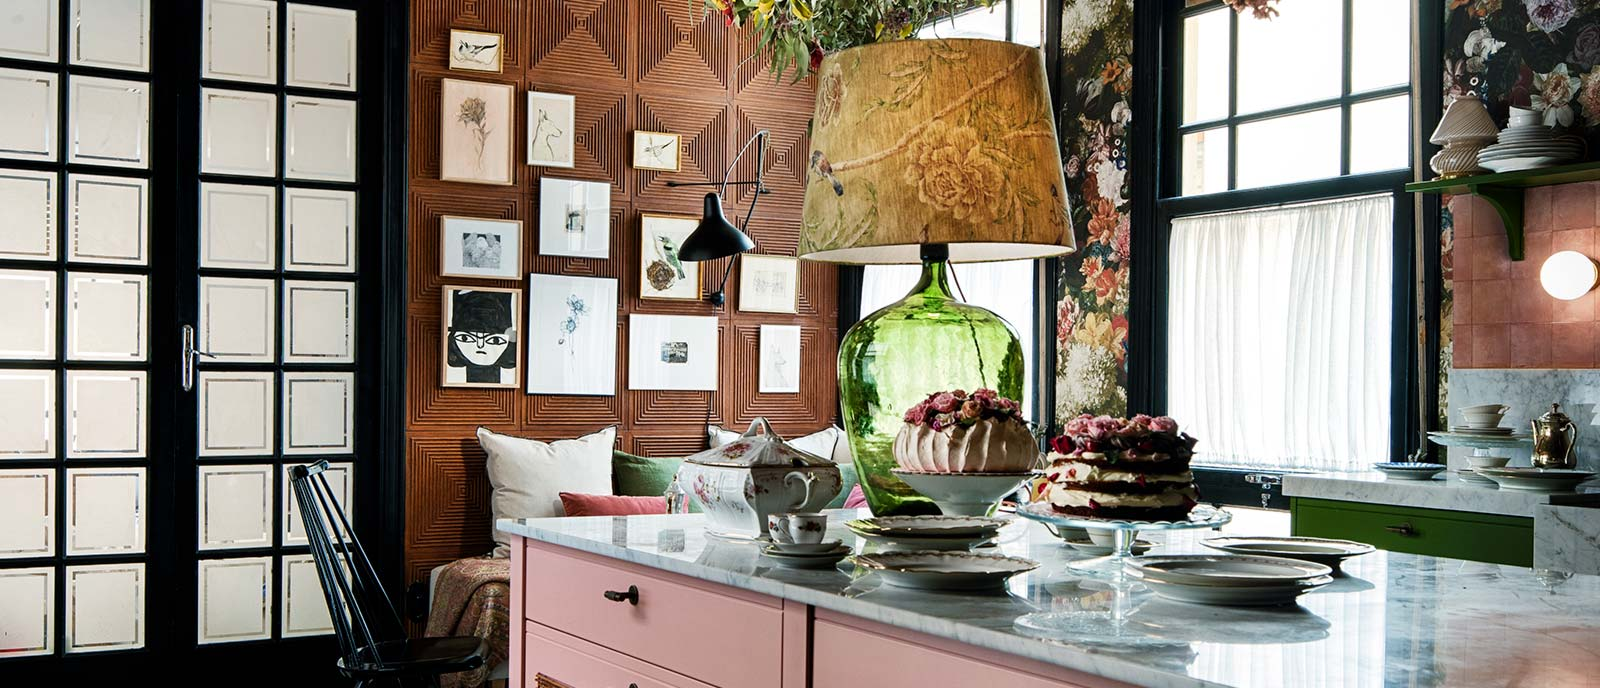 Espacio Dosde Interiorismo – Cocina «Una cocina propia»